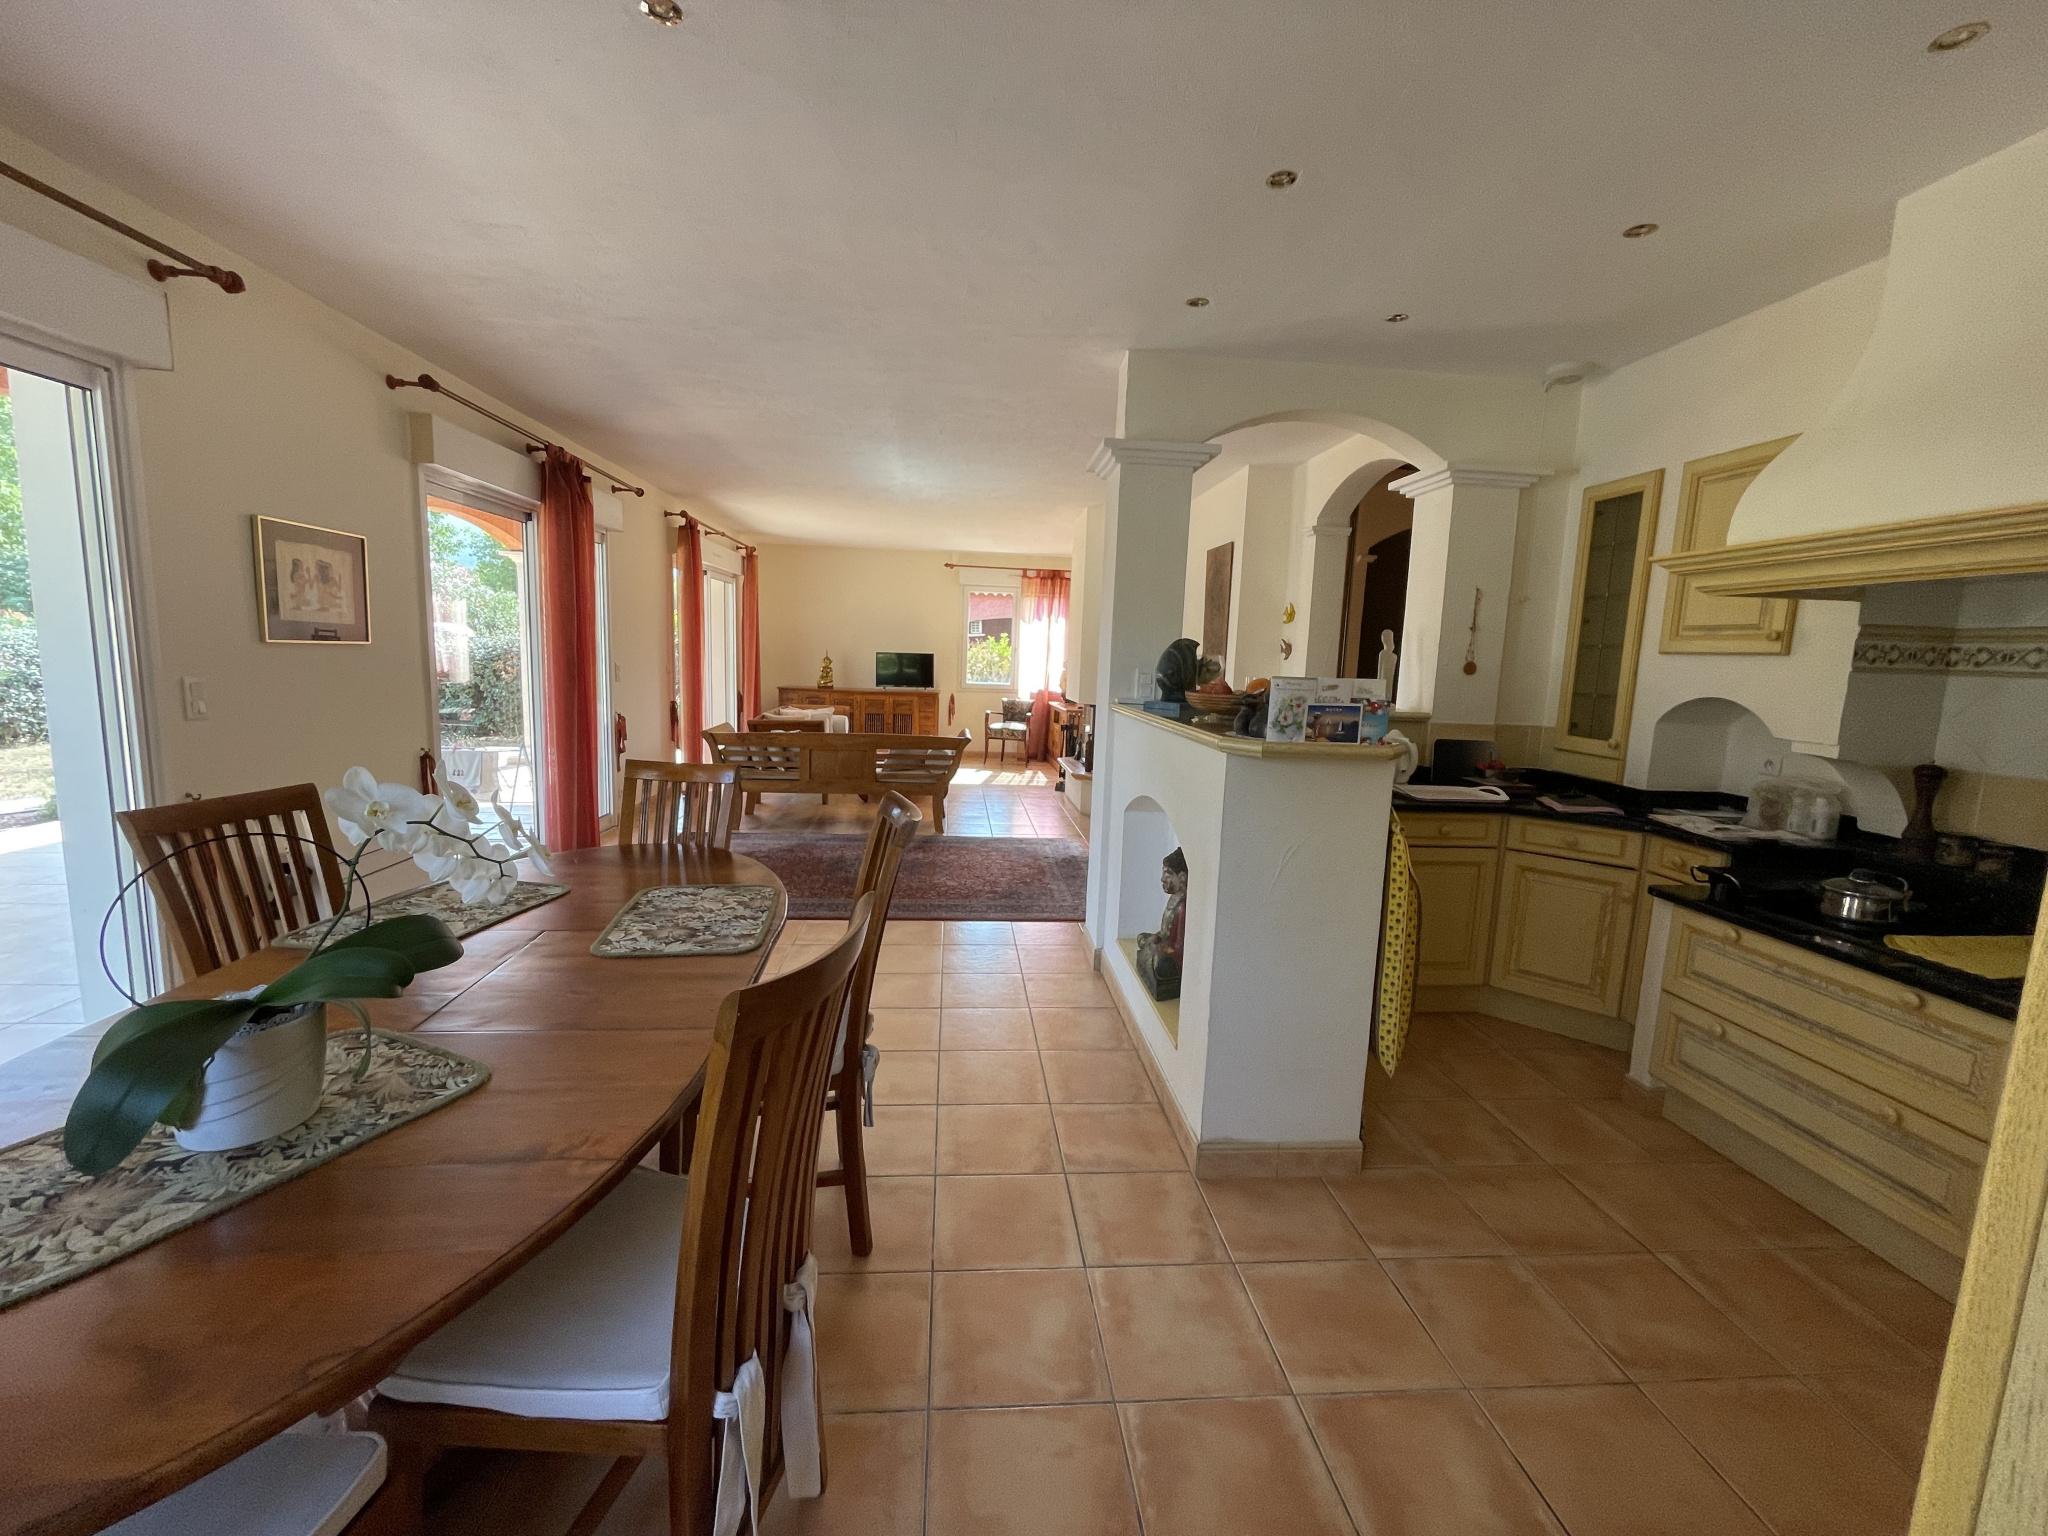 À vendre maison/villa de 124m2 à argeles sur mer (66700) - Photo 6'